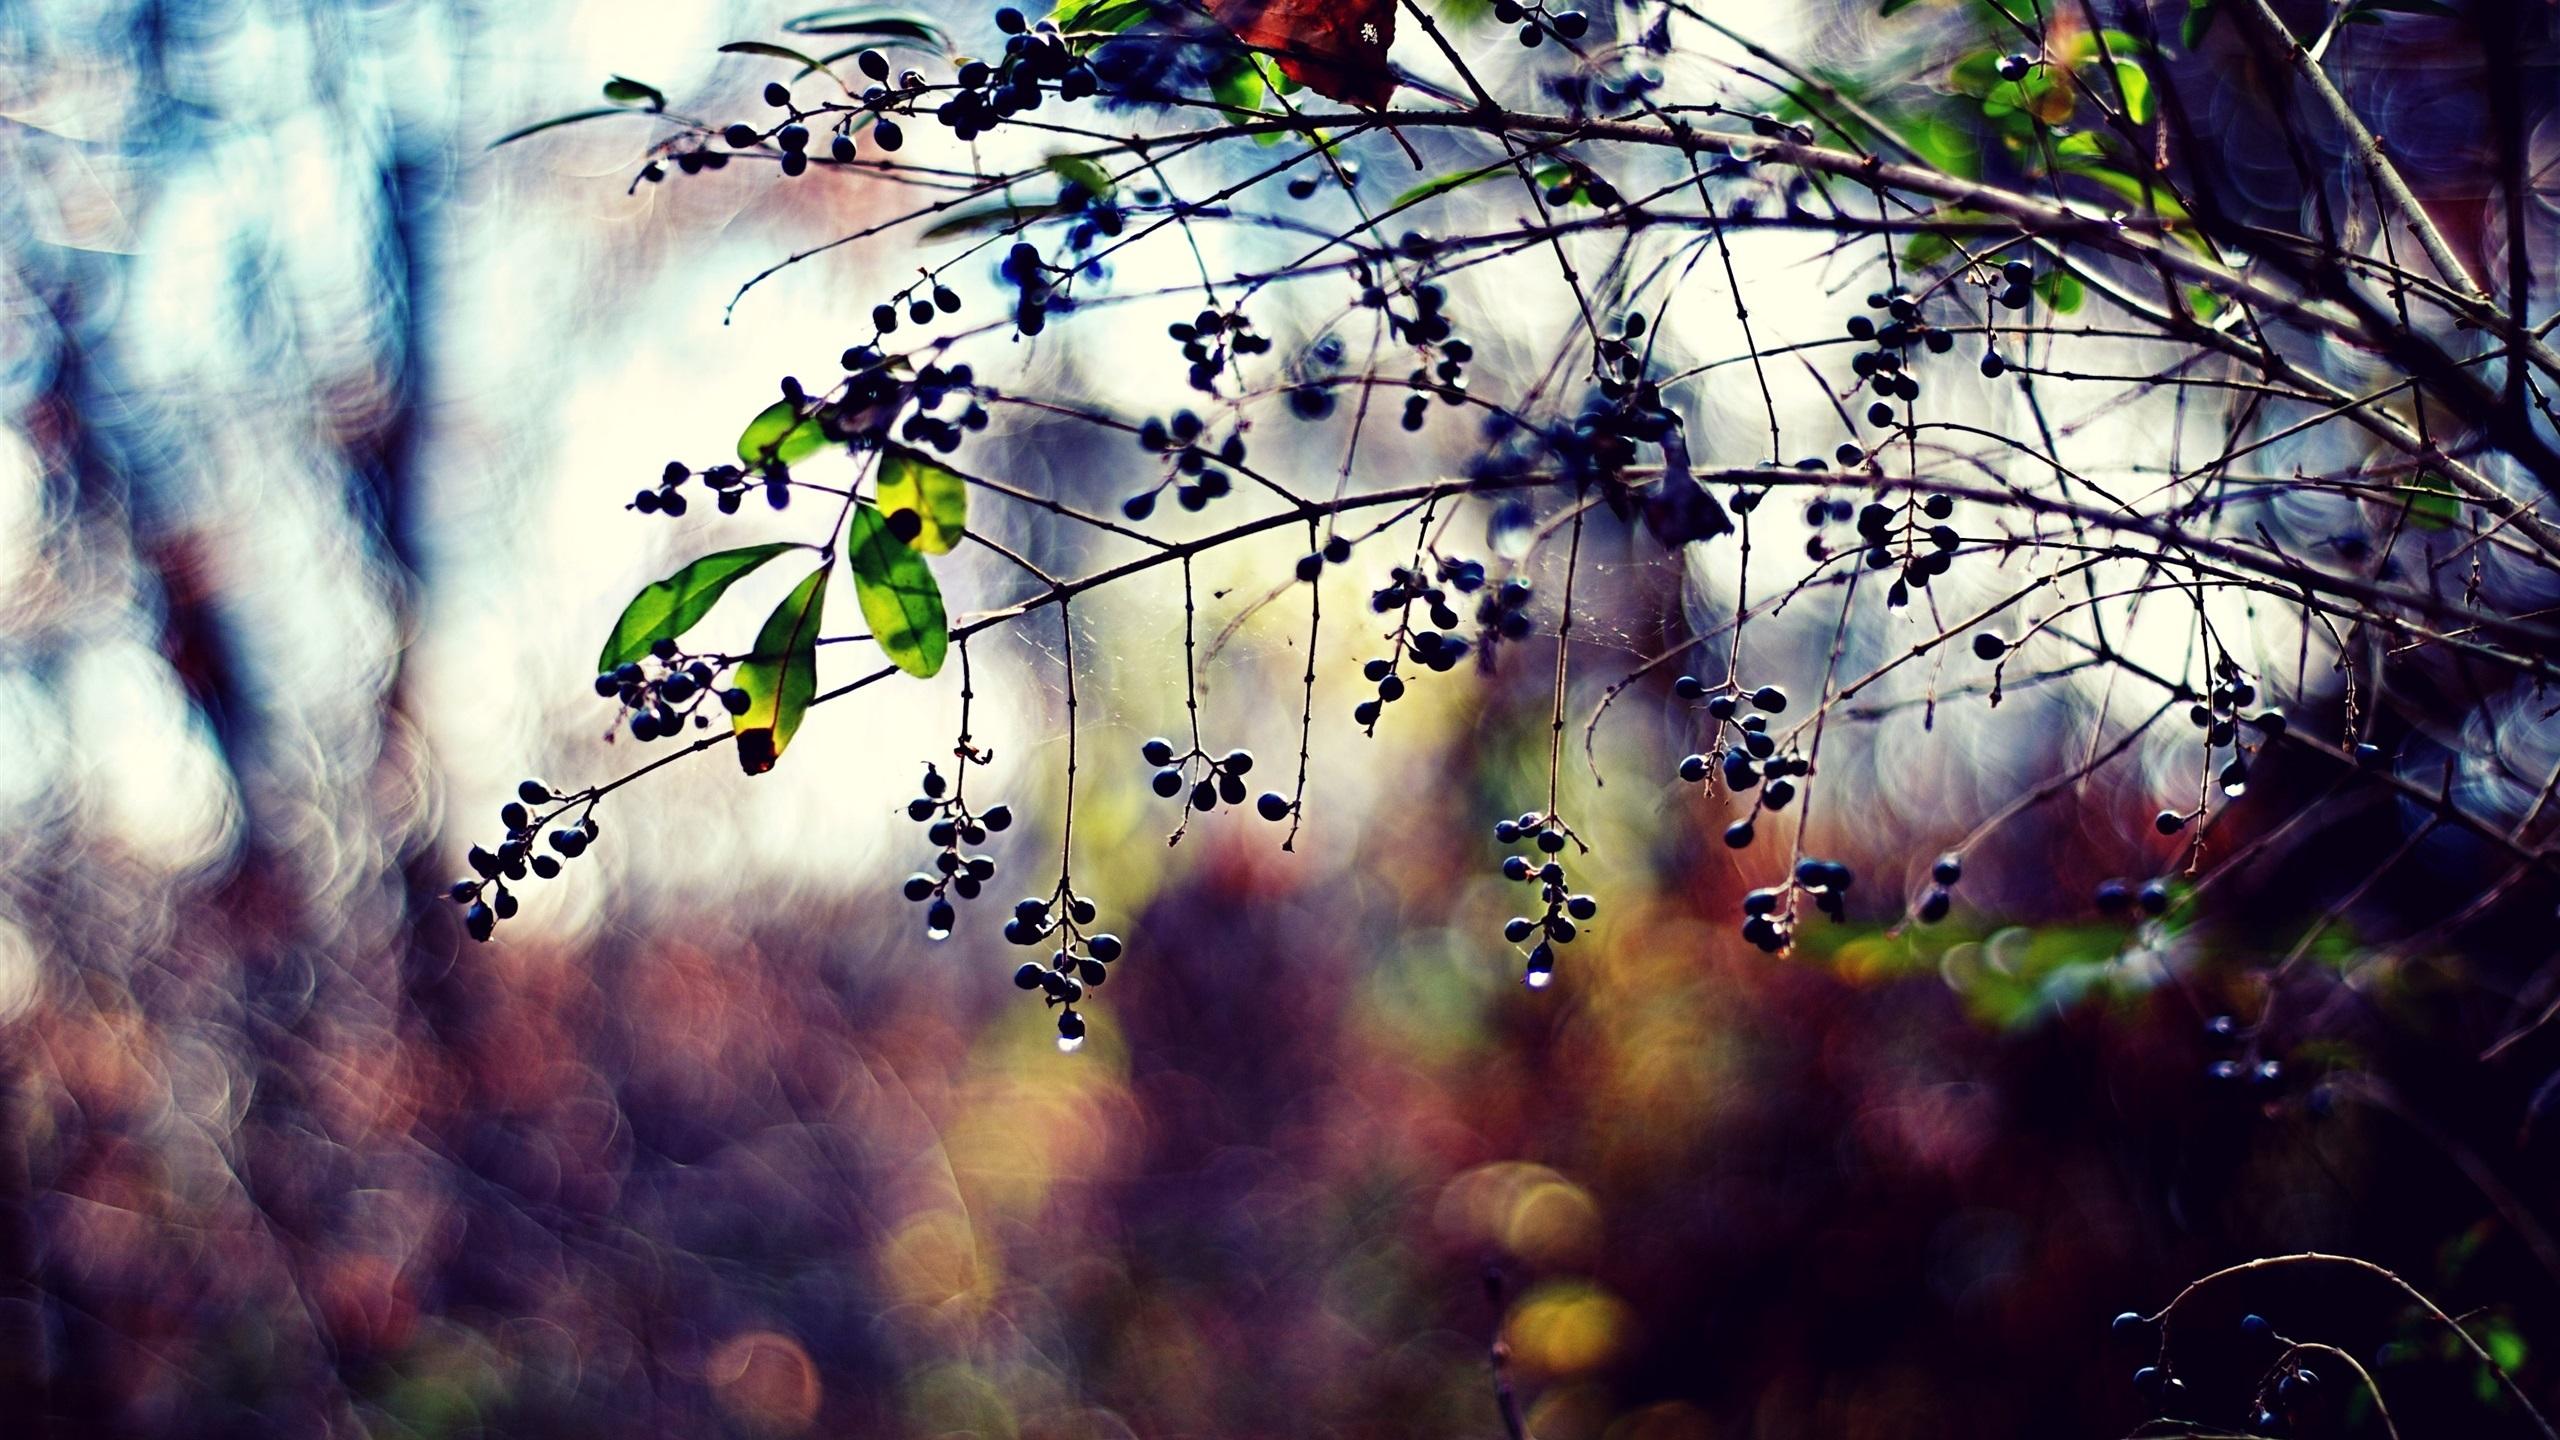 ボケ (植物)の画像 p1_25